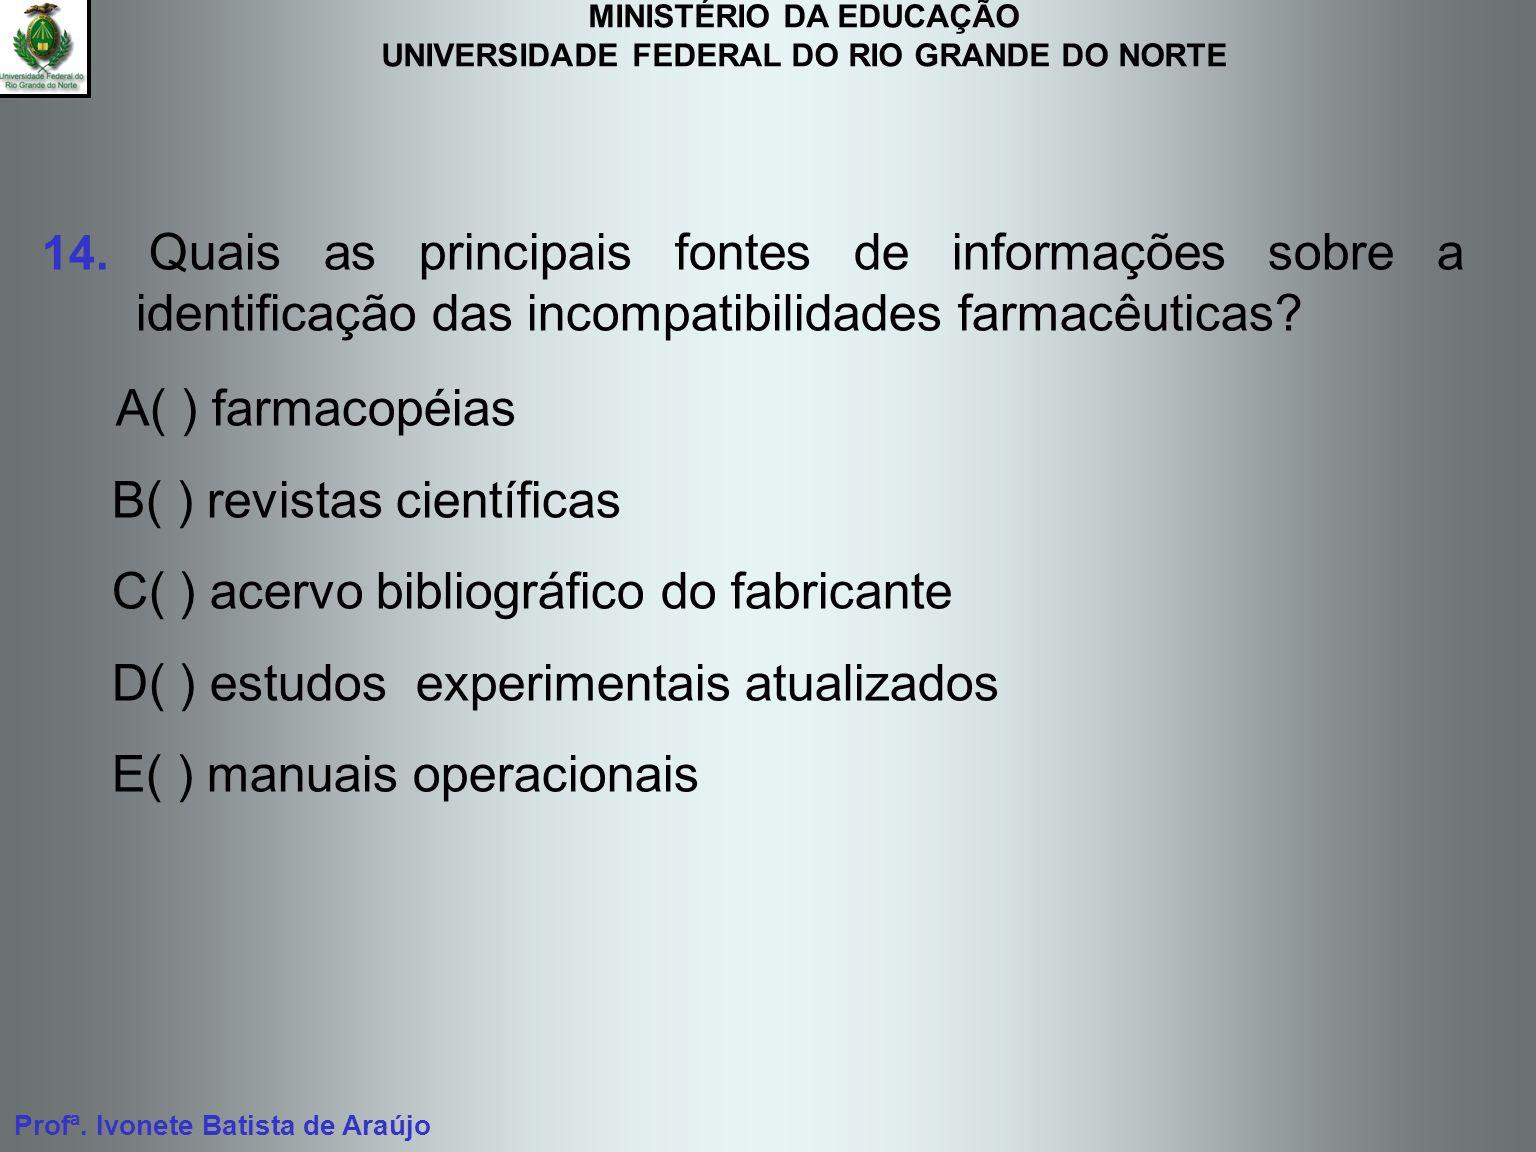 MINISTÉRIO DA EDUCAÇÃO UNIVERSIDADE FEDERAL DO RIO GRANDE DO NORTE Profª. Ivonete Batista de Araújo 14. Quais as principais fontes de informações sobr